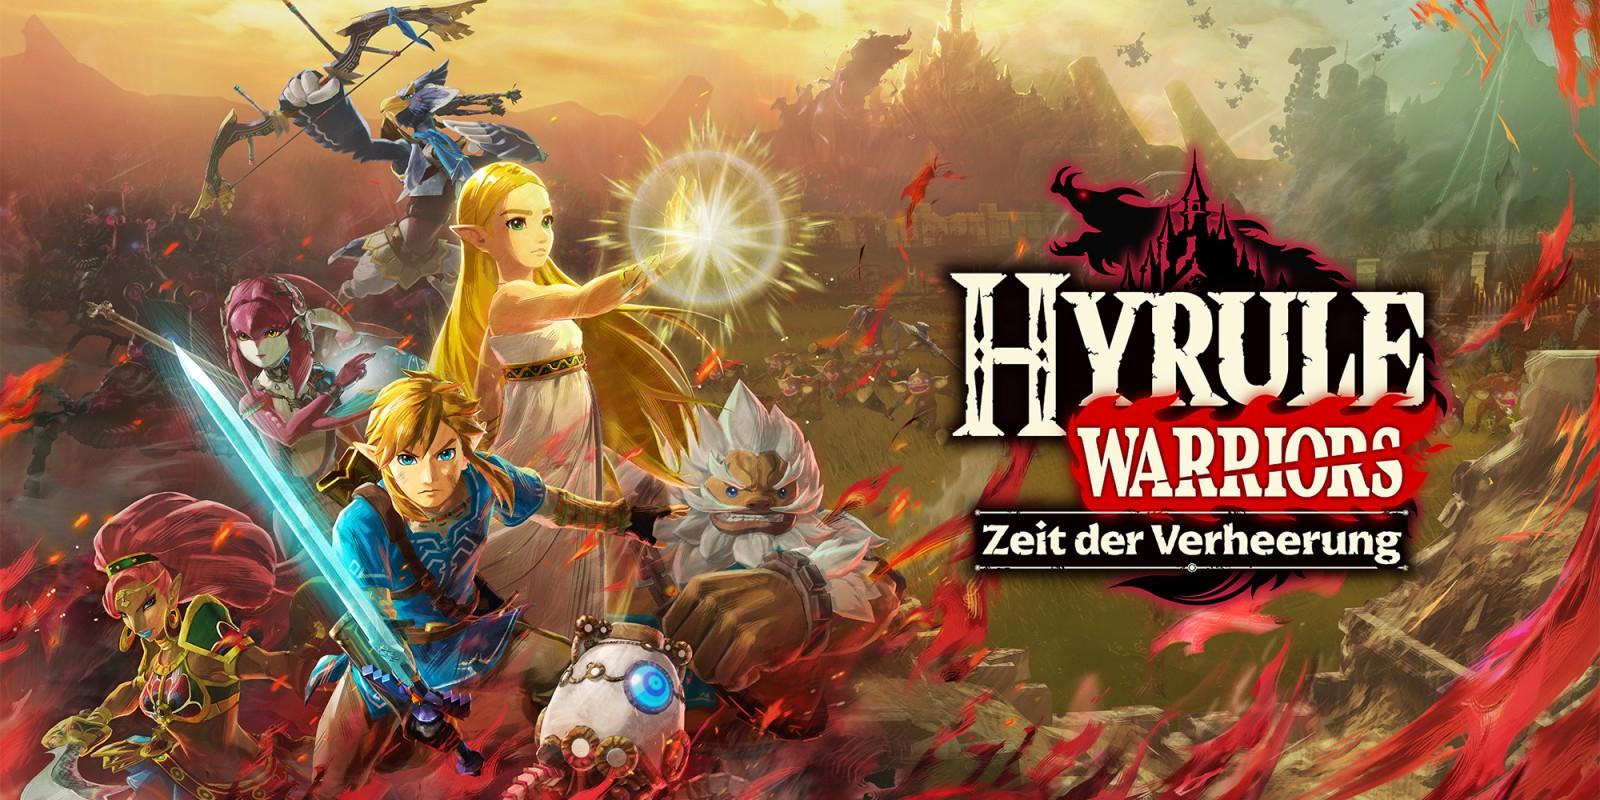 Hyrule Warriors: Age of Calamity (Season Pass) gratis im europäischen eShop (nur auf Konsole) schnell sein dürfte sich um Fehler handeln